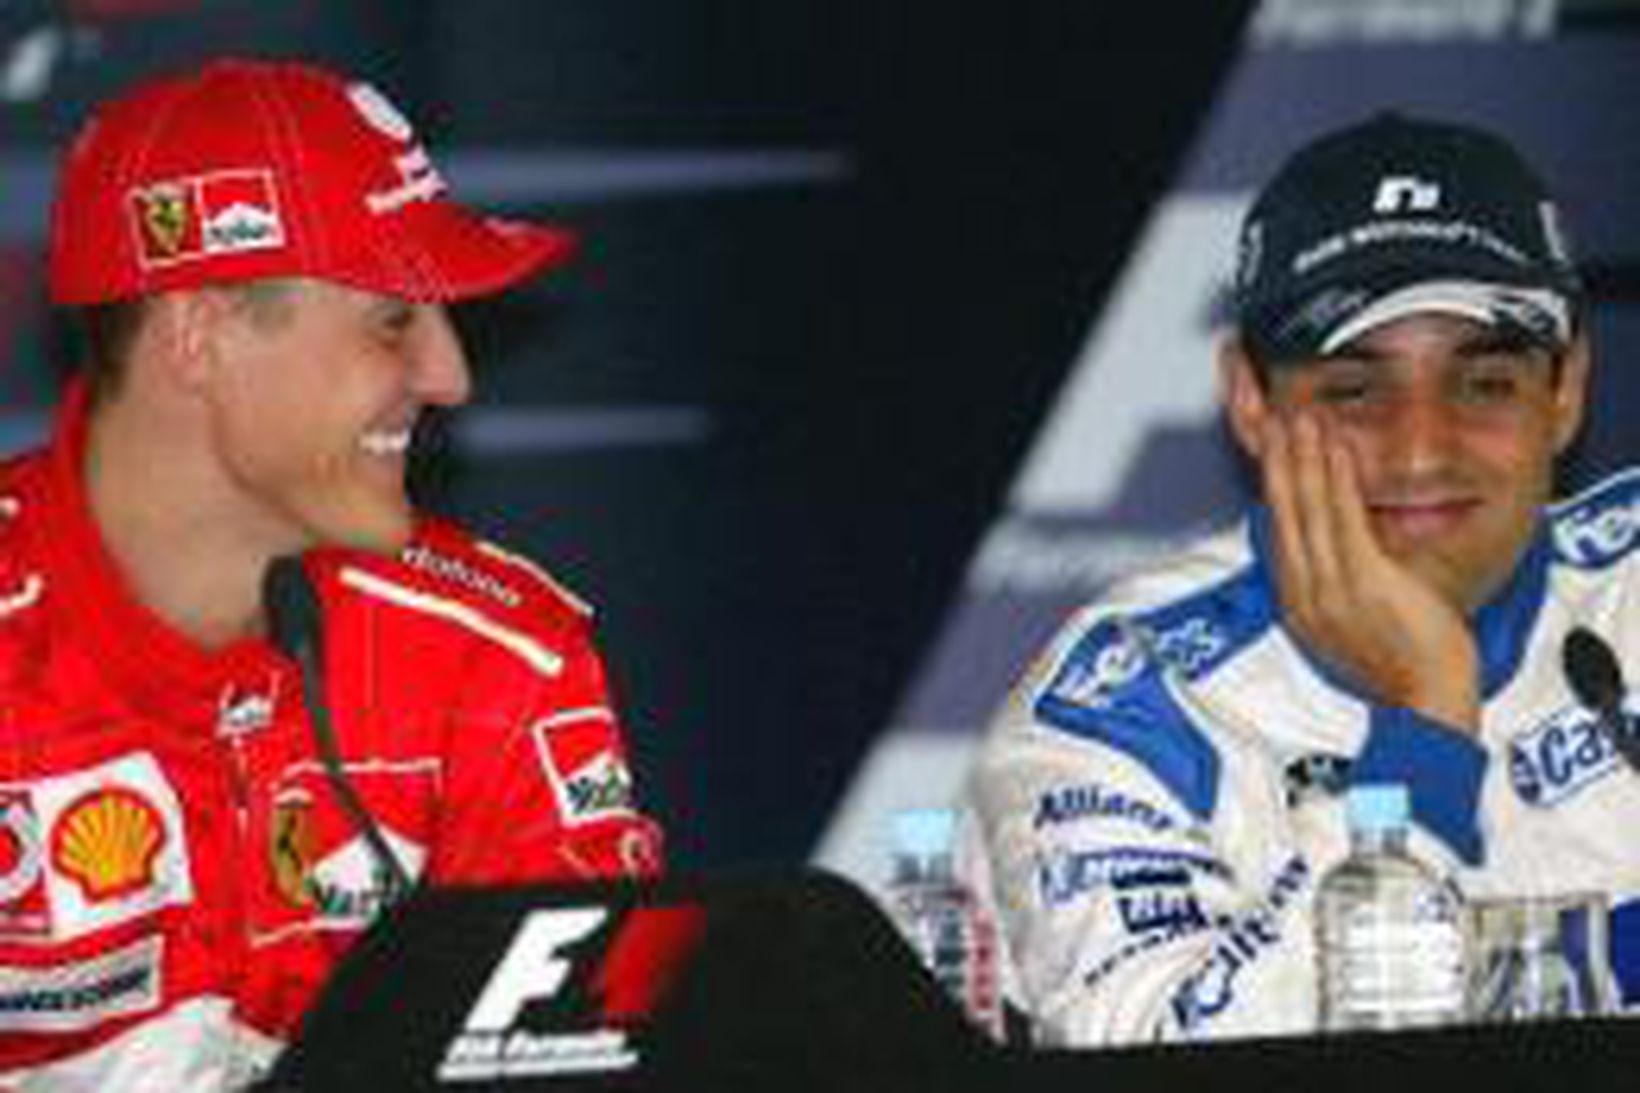 Michael Schumacher hlær að einhverju sem Juan Pablo Montoya hefur …